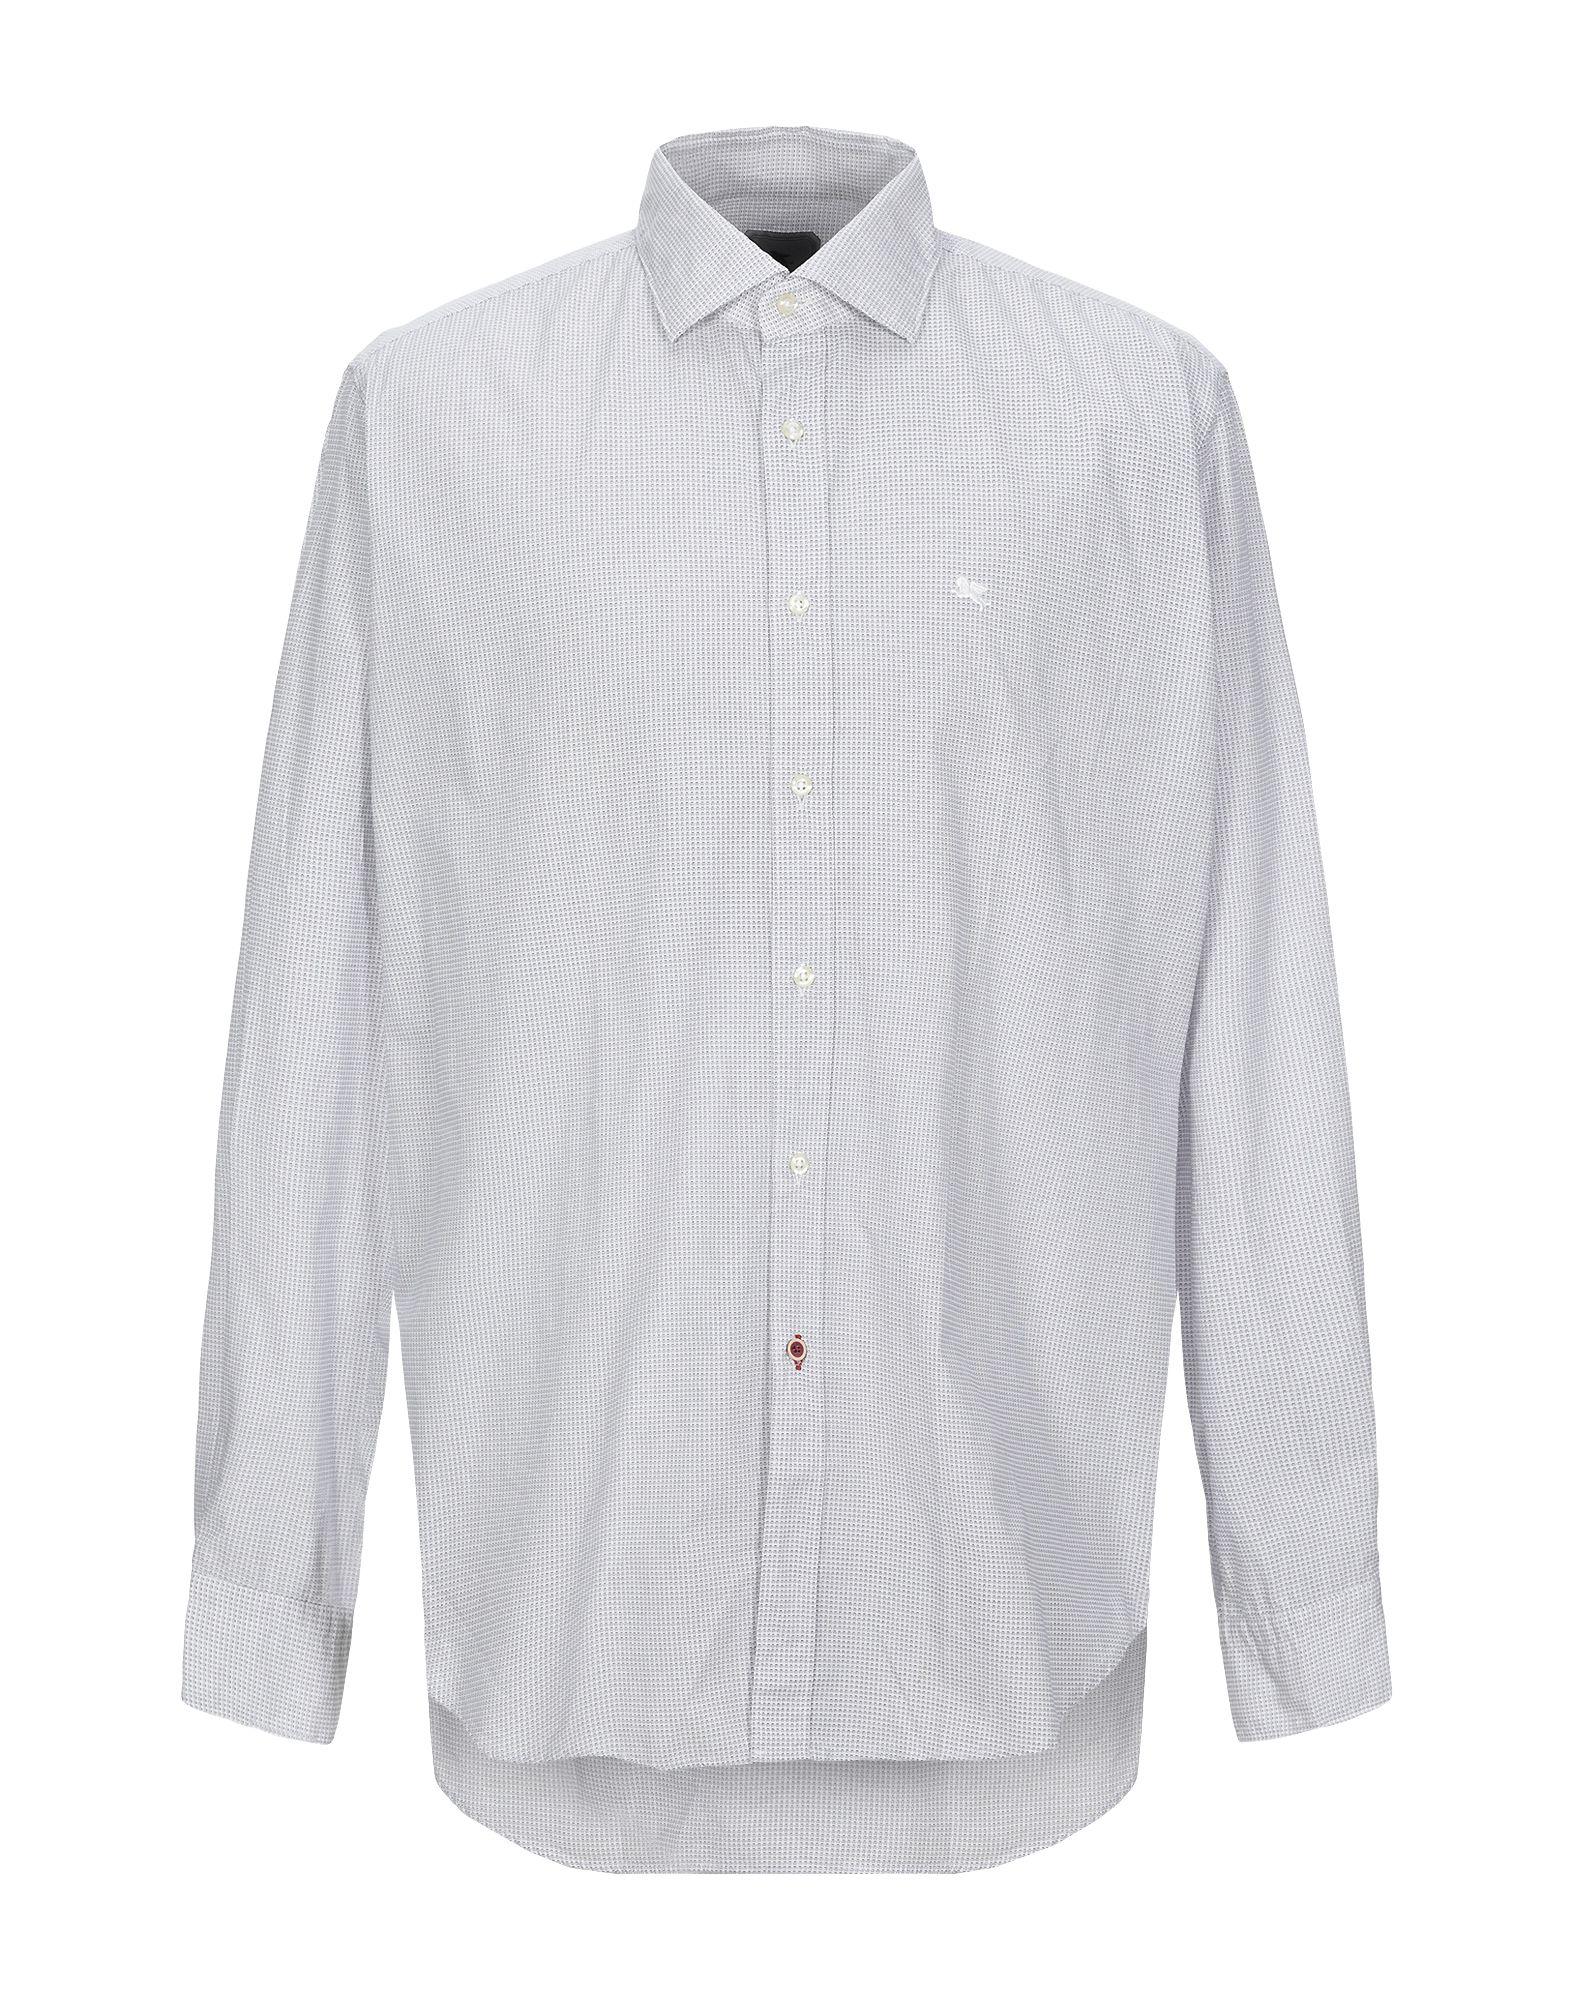 《セール開催中》PAL ZILERI CONCEPT メンズ シャツ ホワイト 39 コットン 100%